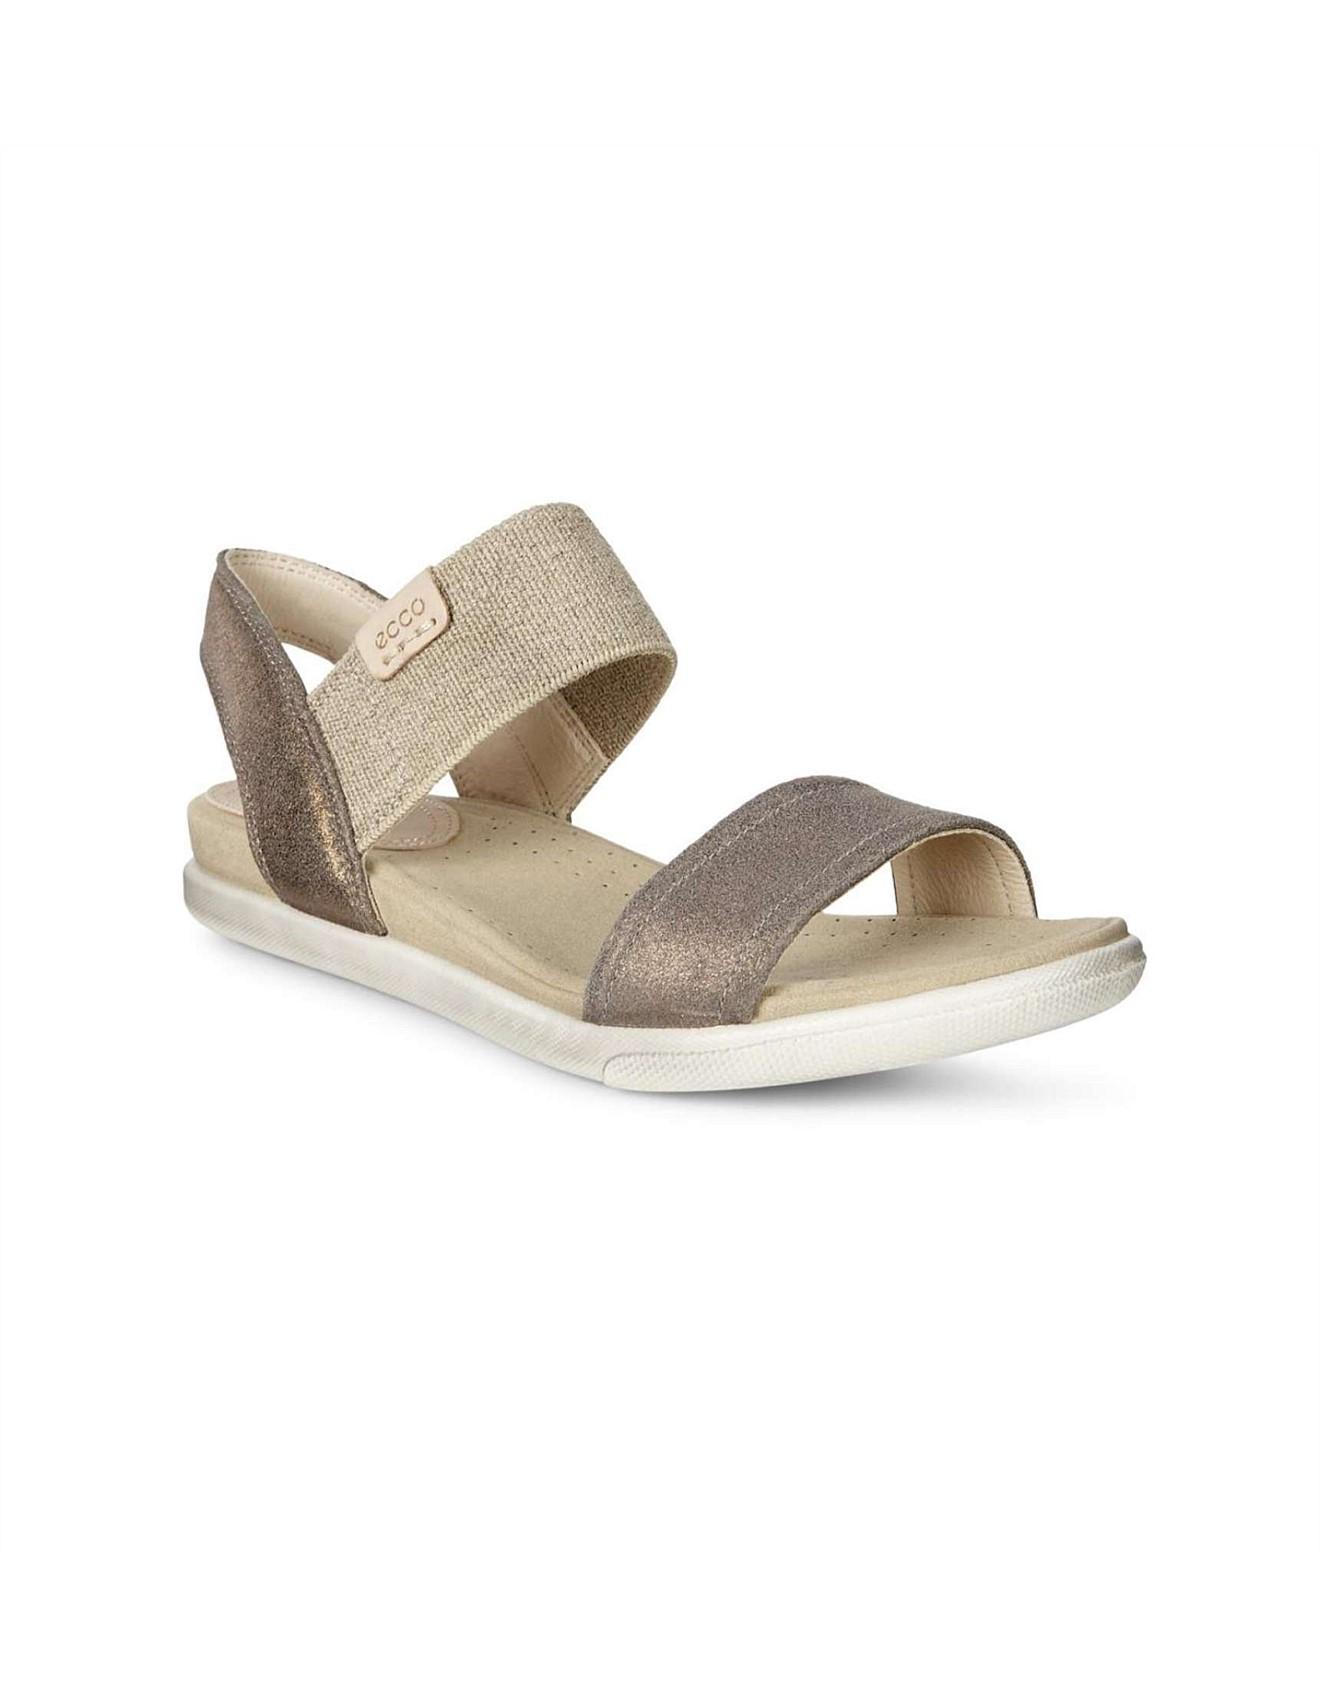 2a964a3cb312 Damara Sandal Warm Grey Metallic Suede